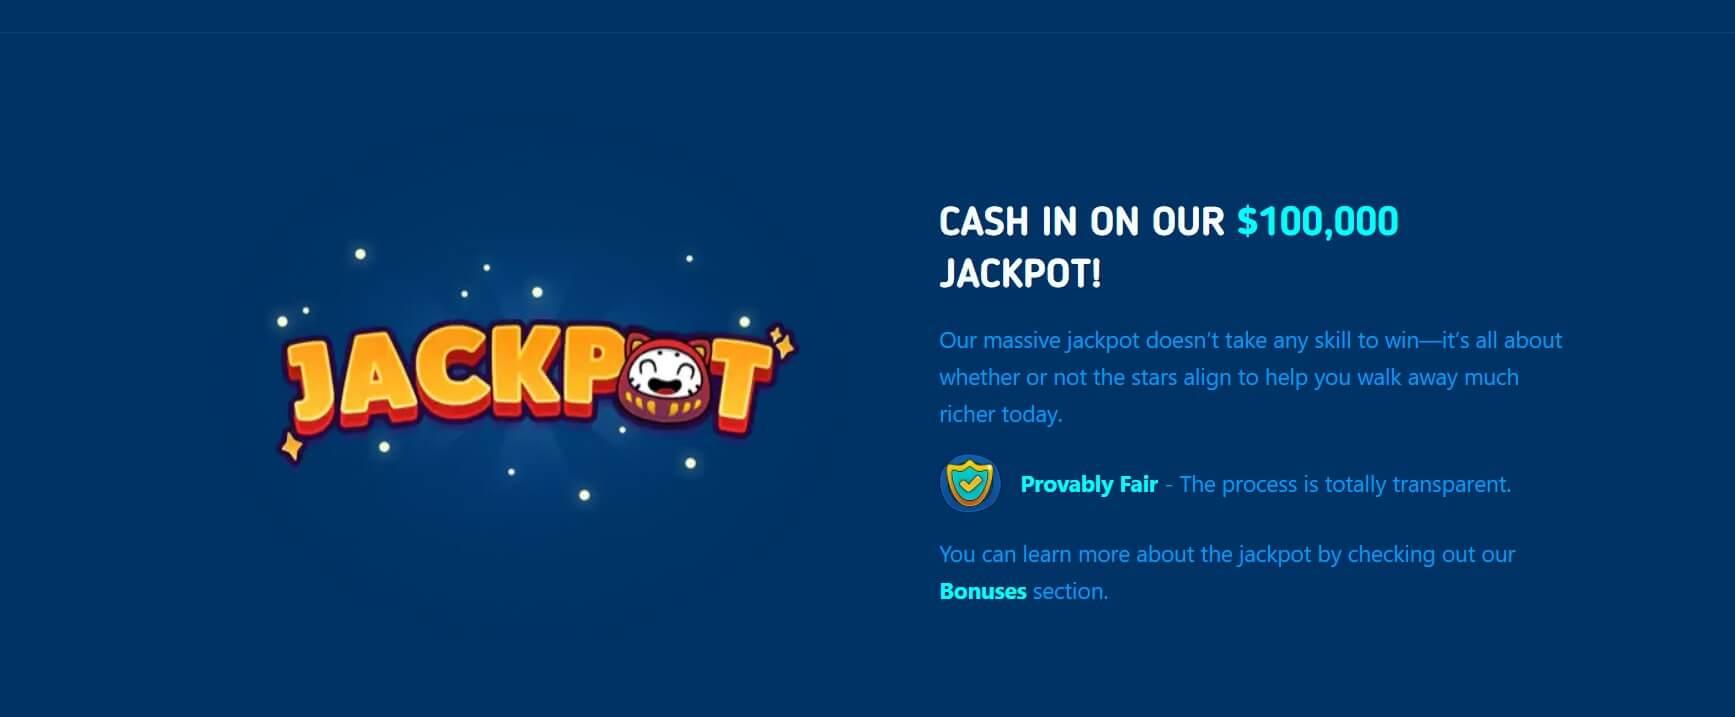 luckydice website screenshot bitcoinfy